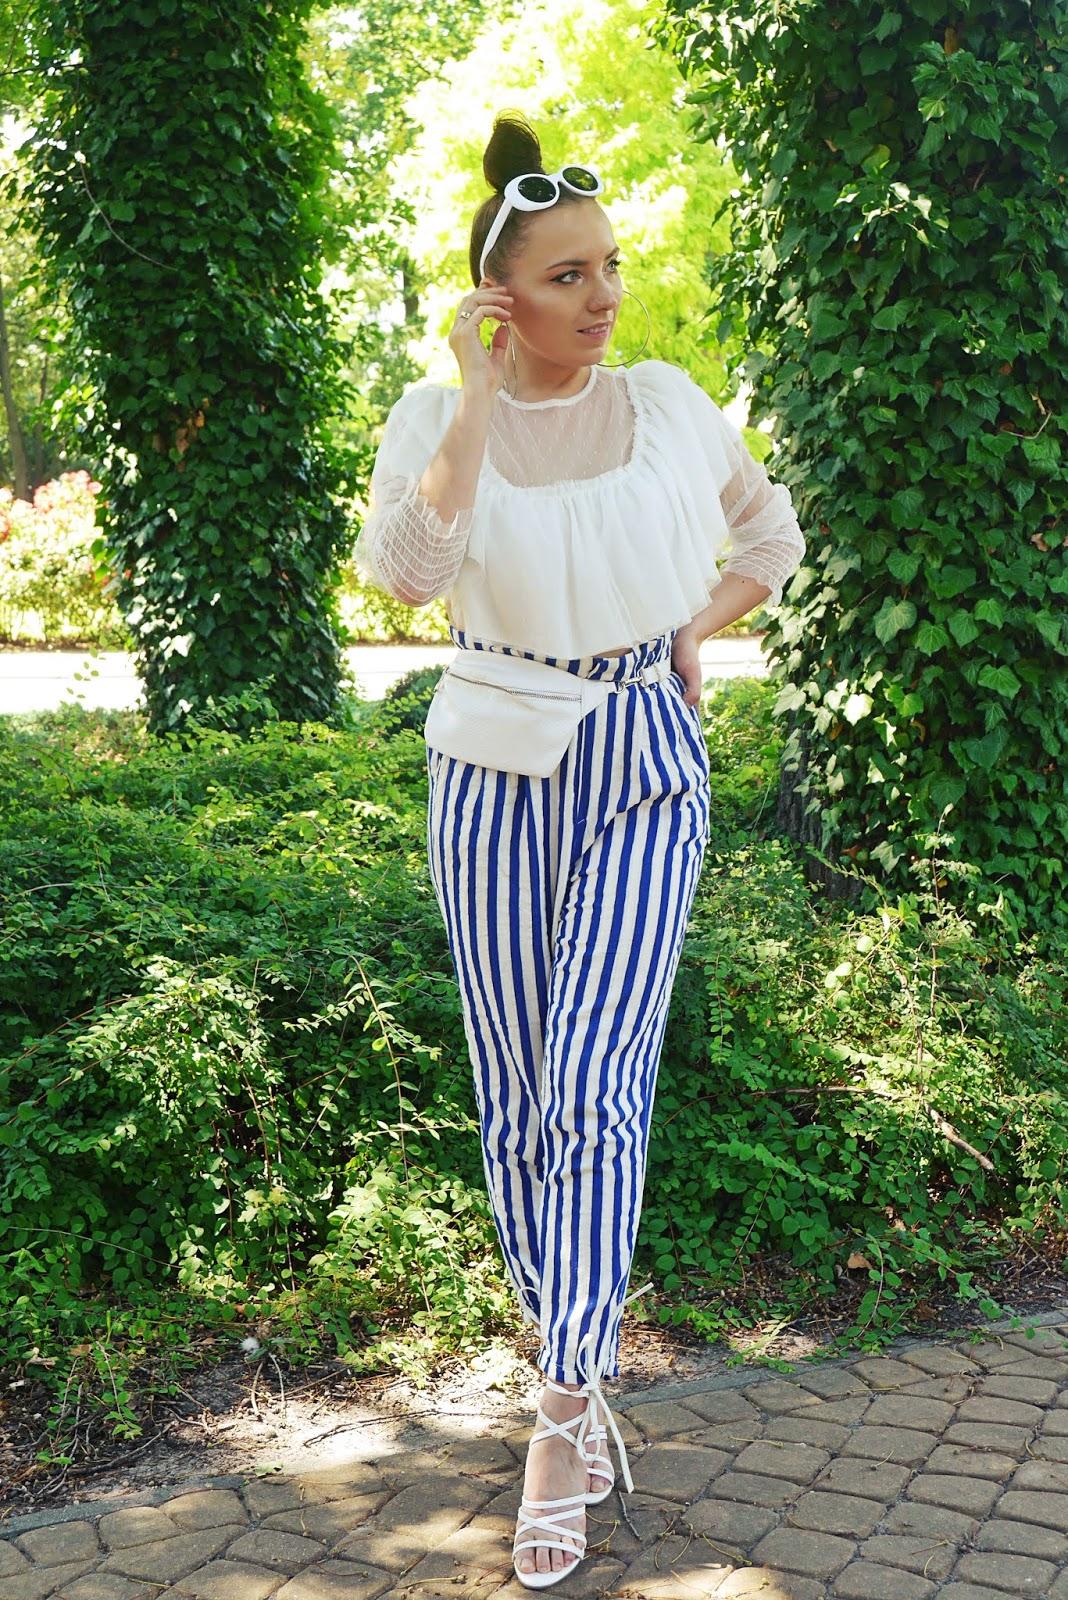 blog modowy blogerka modowa puławy spodnie w pasy top shop biały przezroczysty top sandałki na słupku bonprix białe nerka torebka okulary przeciwsłoneczne białe puławy